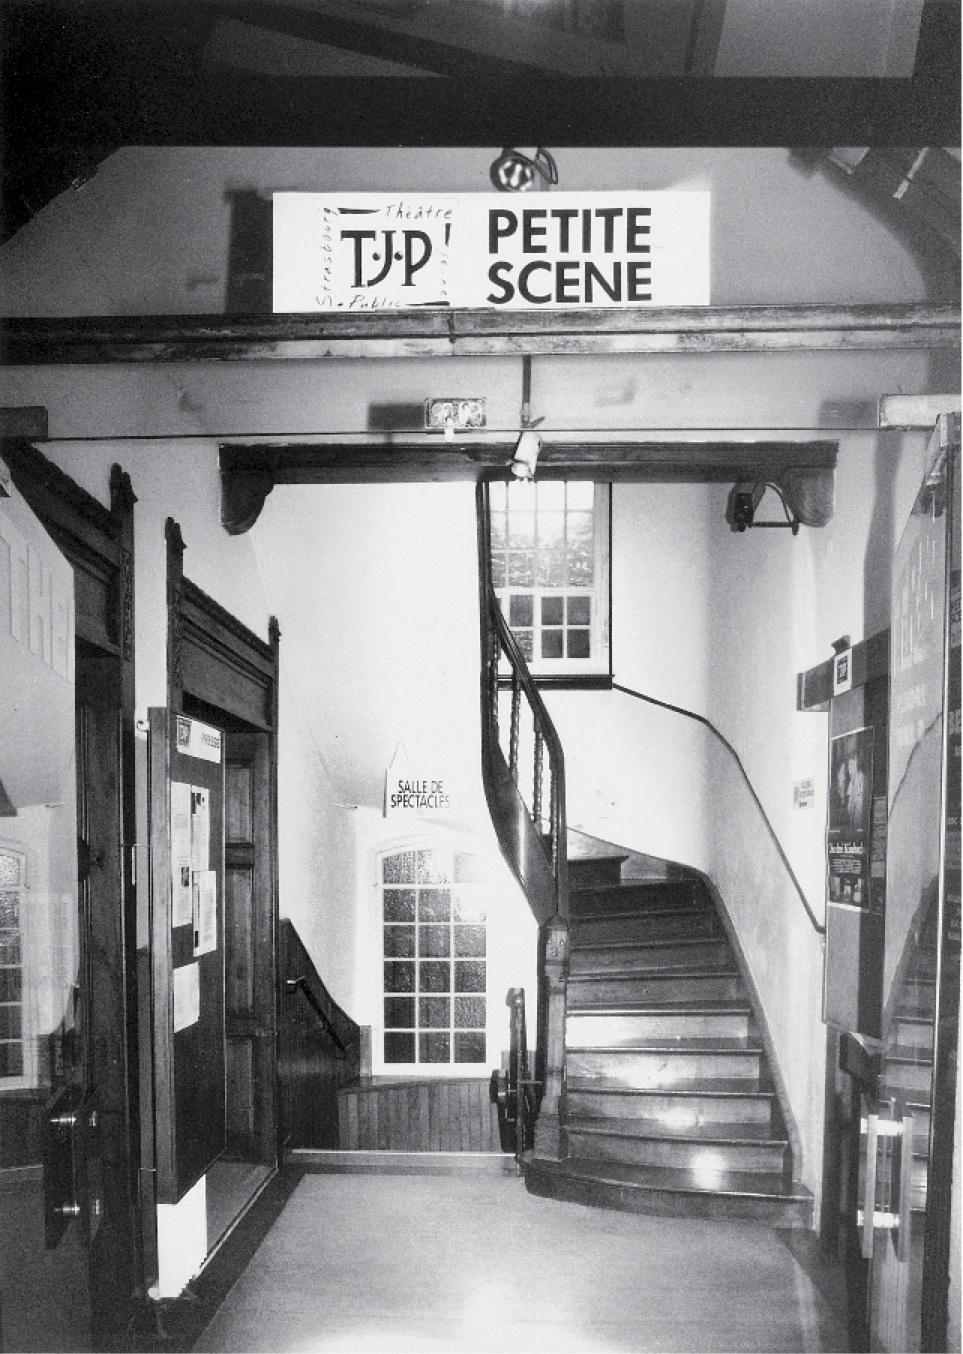 Hall d'entrée principal du TJP Petite Scène (non datée). Photographie noir et blanc, 23,5x16,9 cm. Droits réservés. Archives du TJP, Strasbourg.